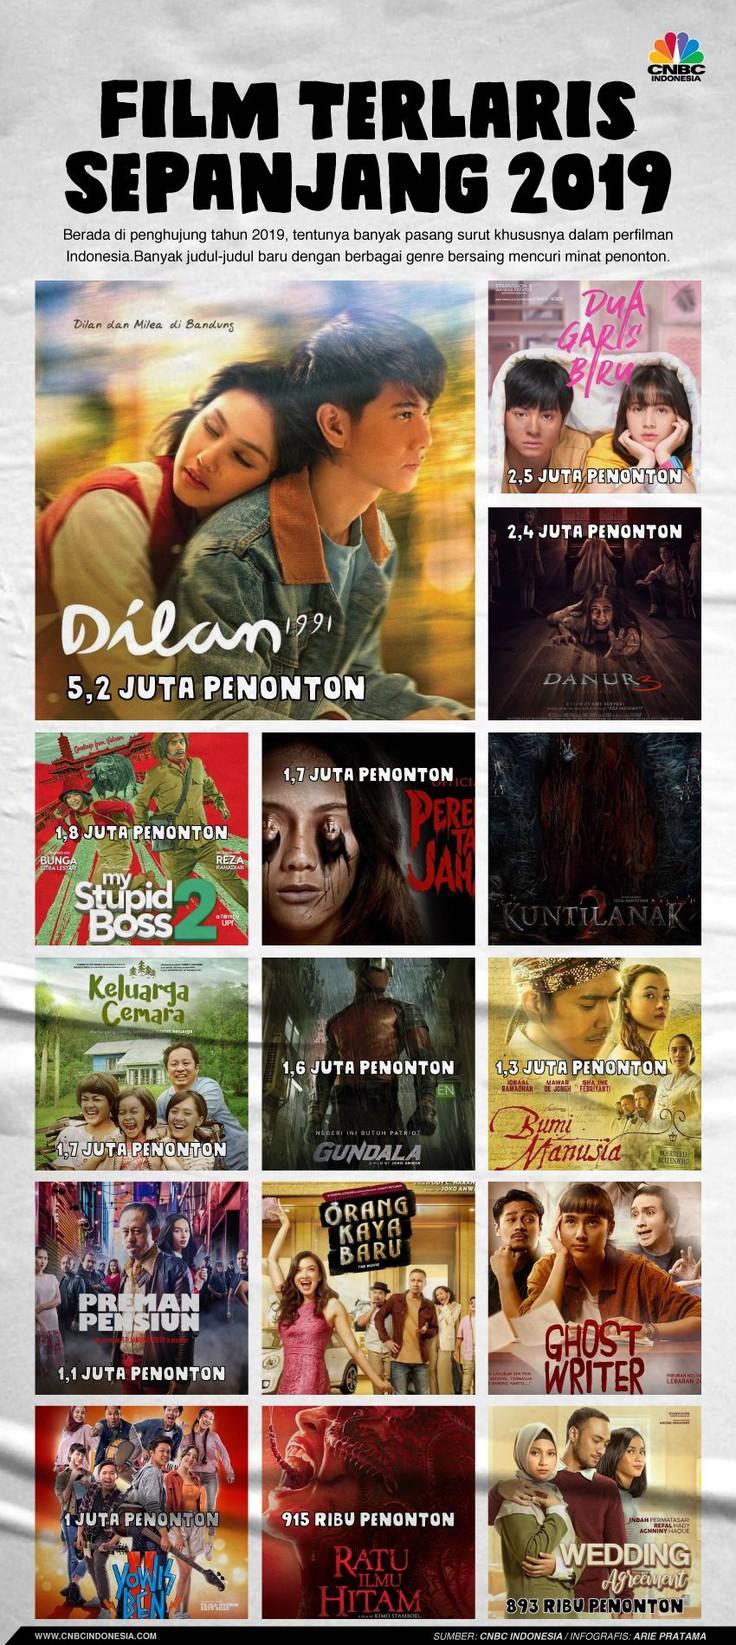 Film Indonesia di 2019 kian menjamur dan diminati penonton, berikut adalah deretan film yang dinikmati jutaan penonton di bioskop tanah air.